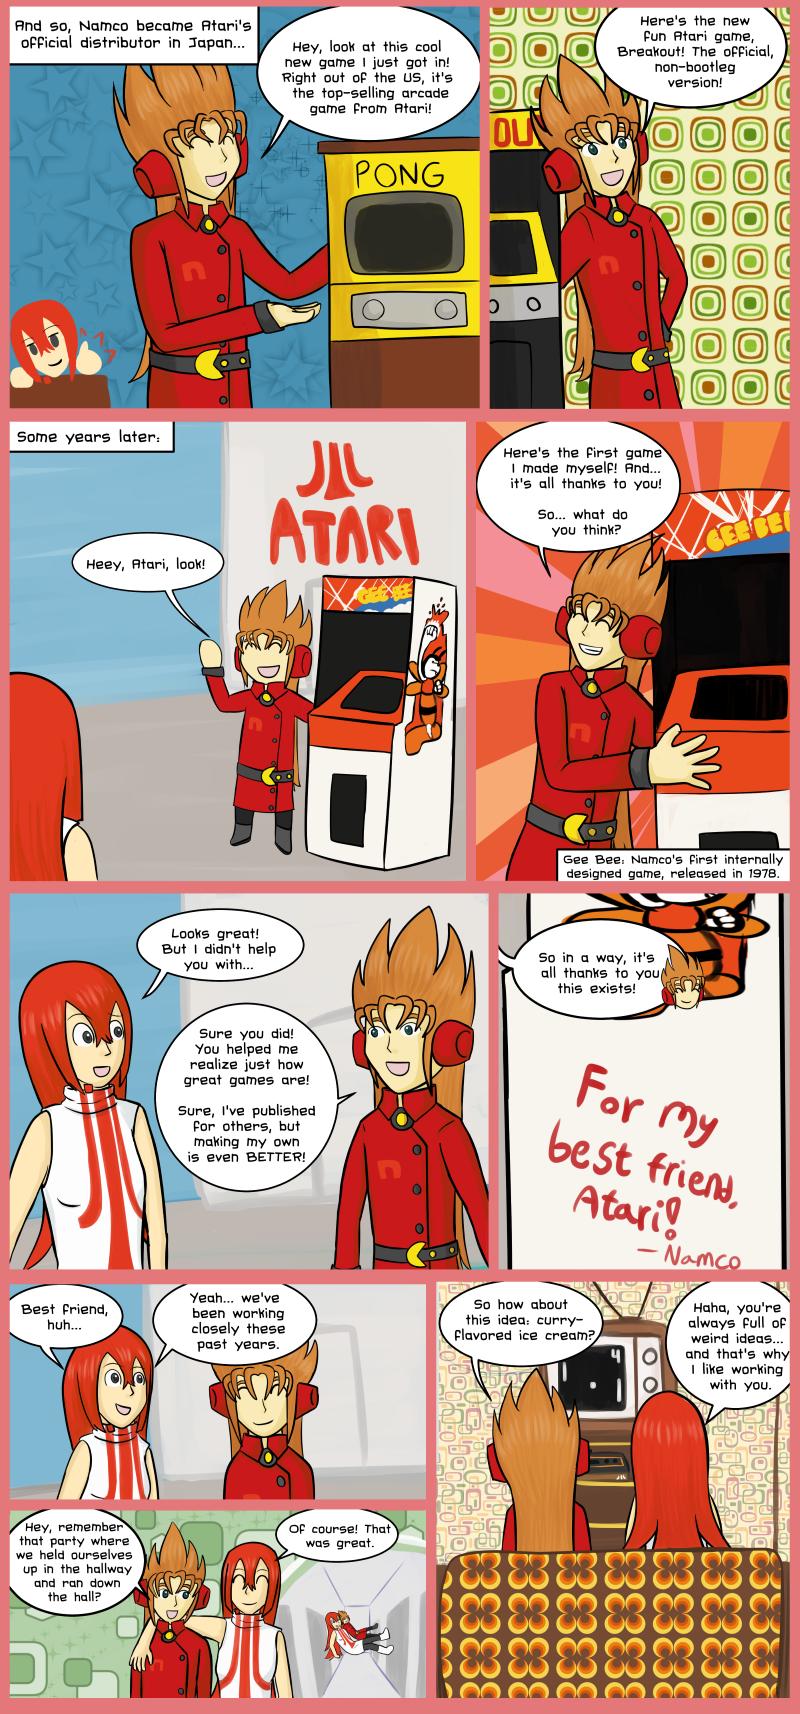 Namco and Atari: The Backstory - 2